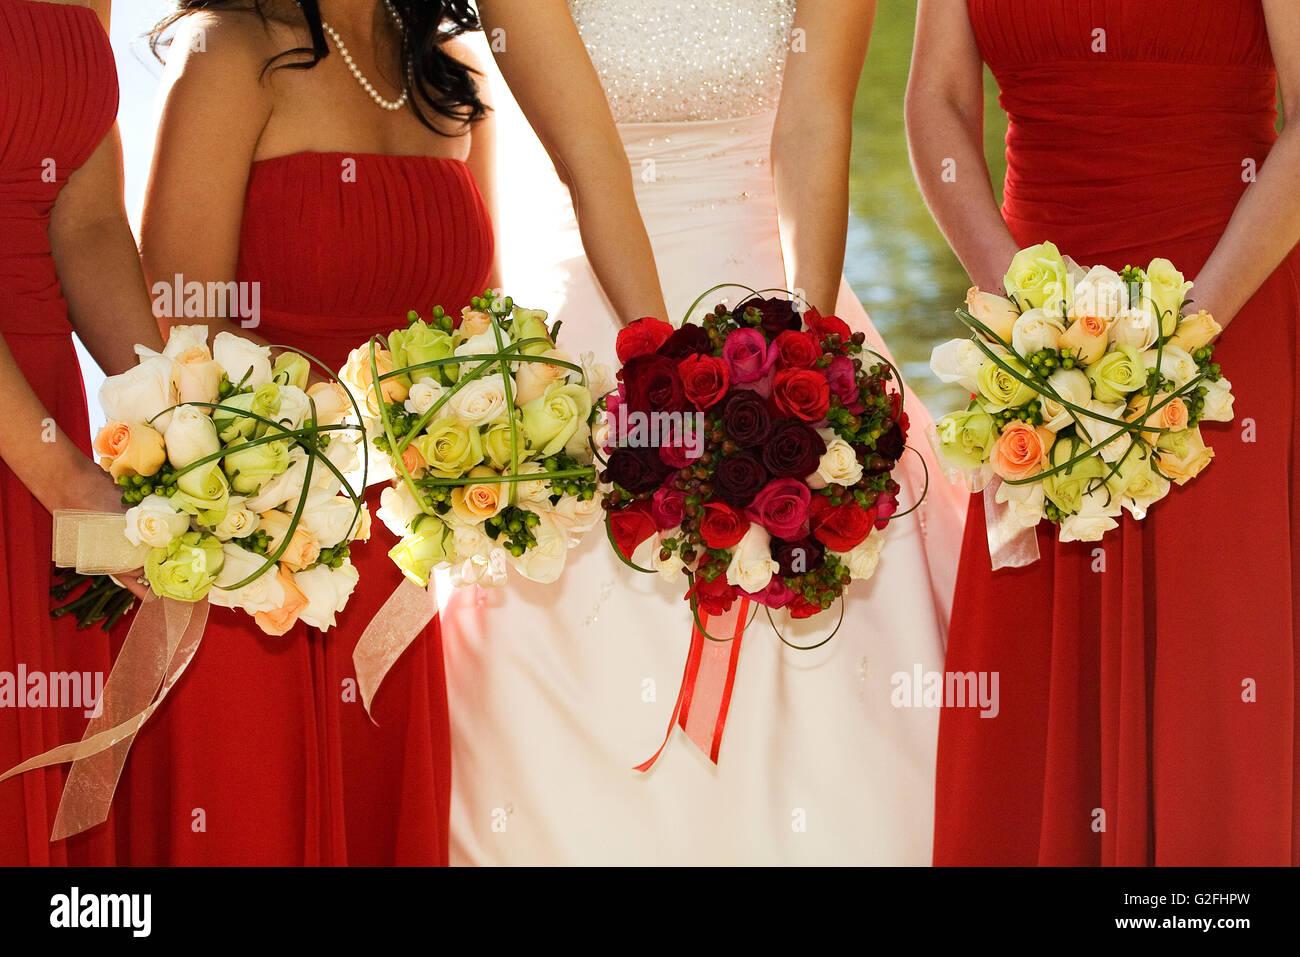 Bouquet Sposa E Damigelle.Sposa E Le Sue Damigelle Hanno Con Bouquet Di Rose Foto Immagine